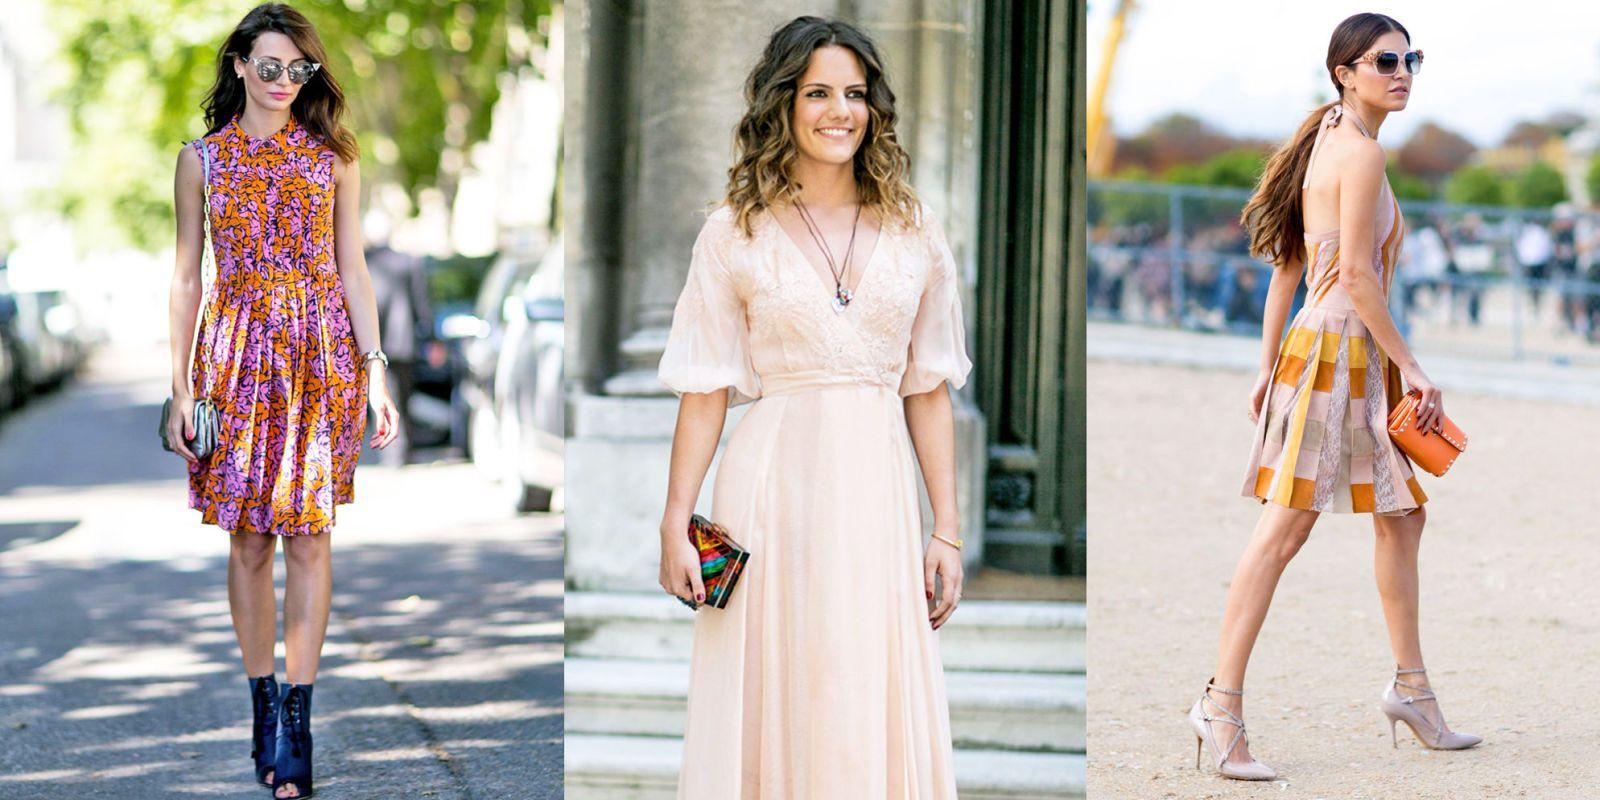 Matrimonio Sulla Spiaggia Outfit : Outfit matrimonio per l invitata i look moda primavera estate